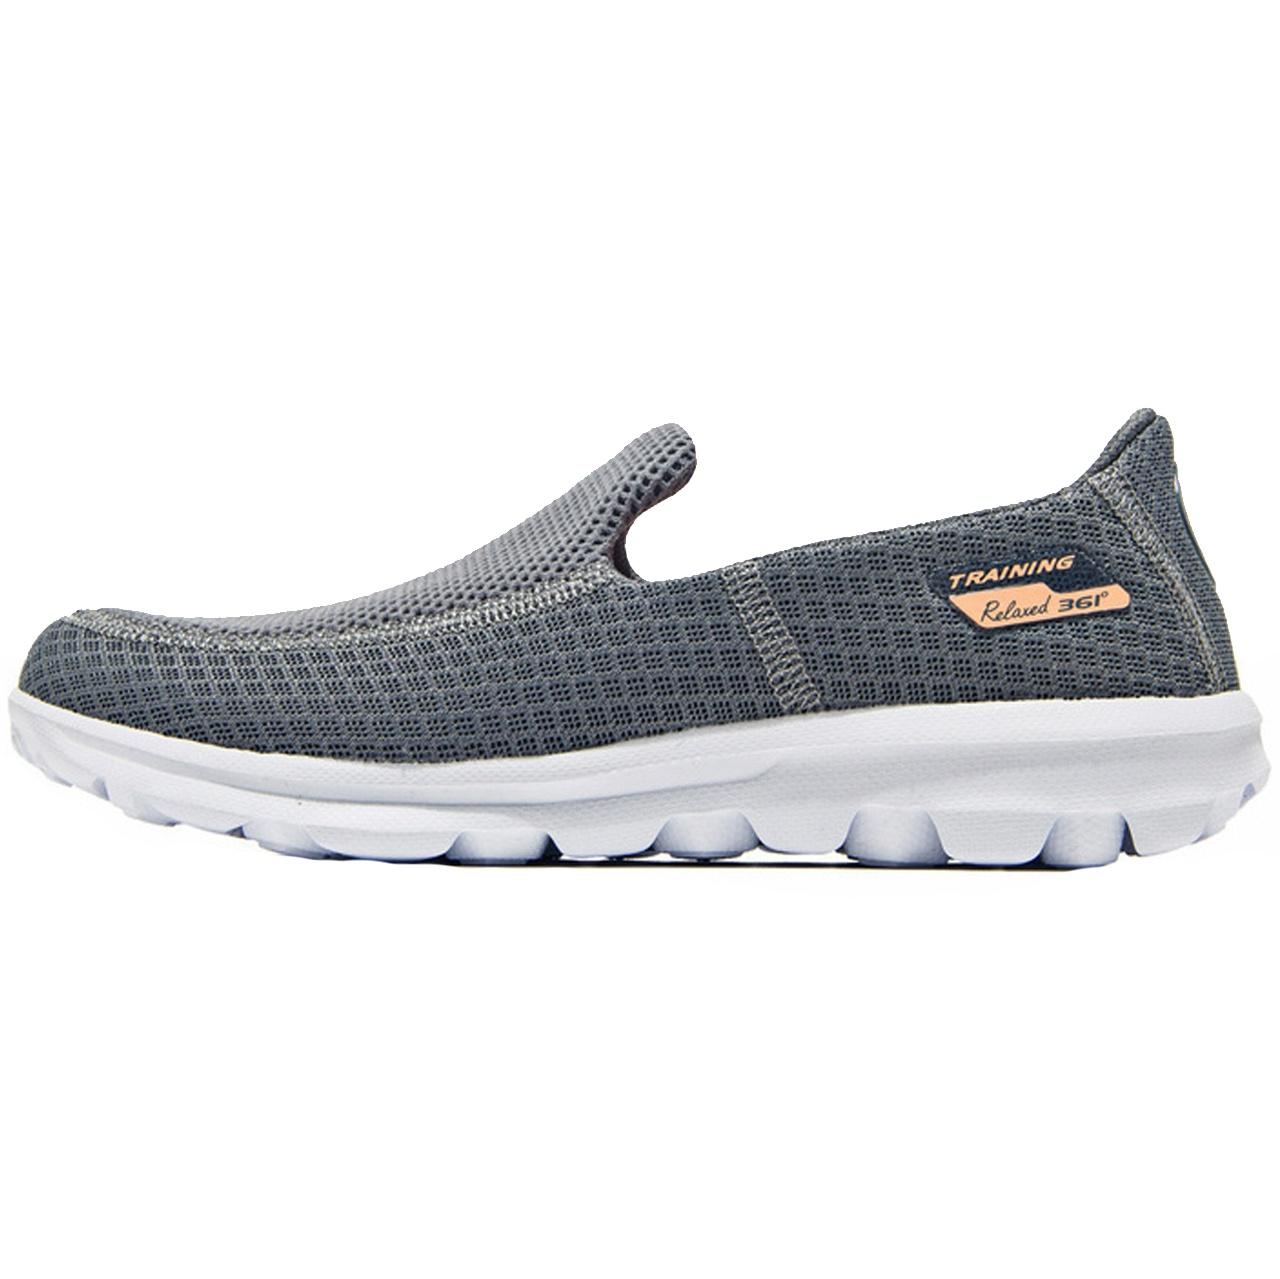 کفش مخصوص پیاده روی زنانه 361 درجه کد 581824435